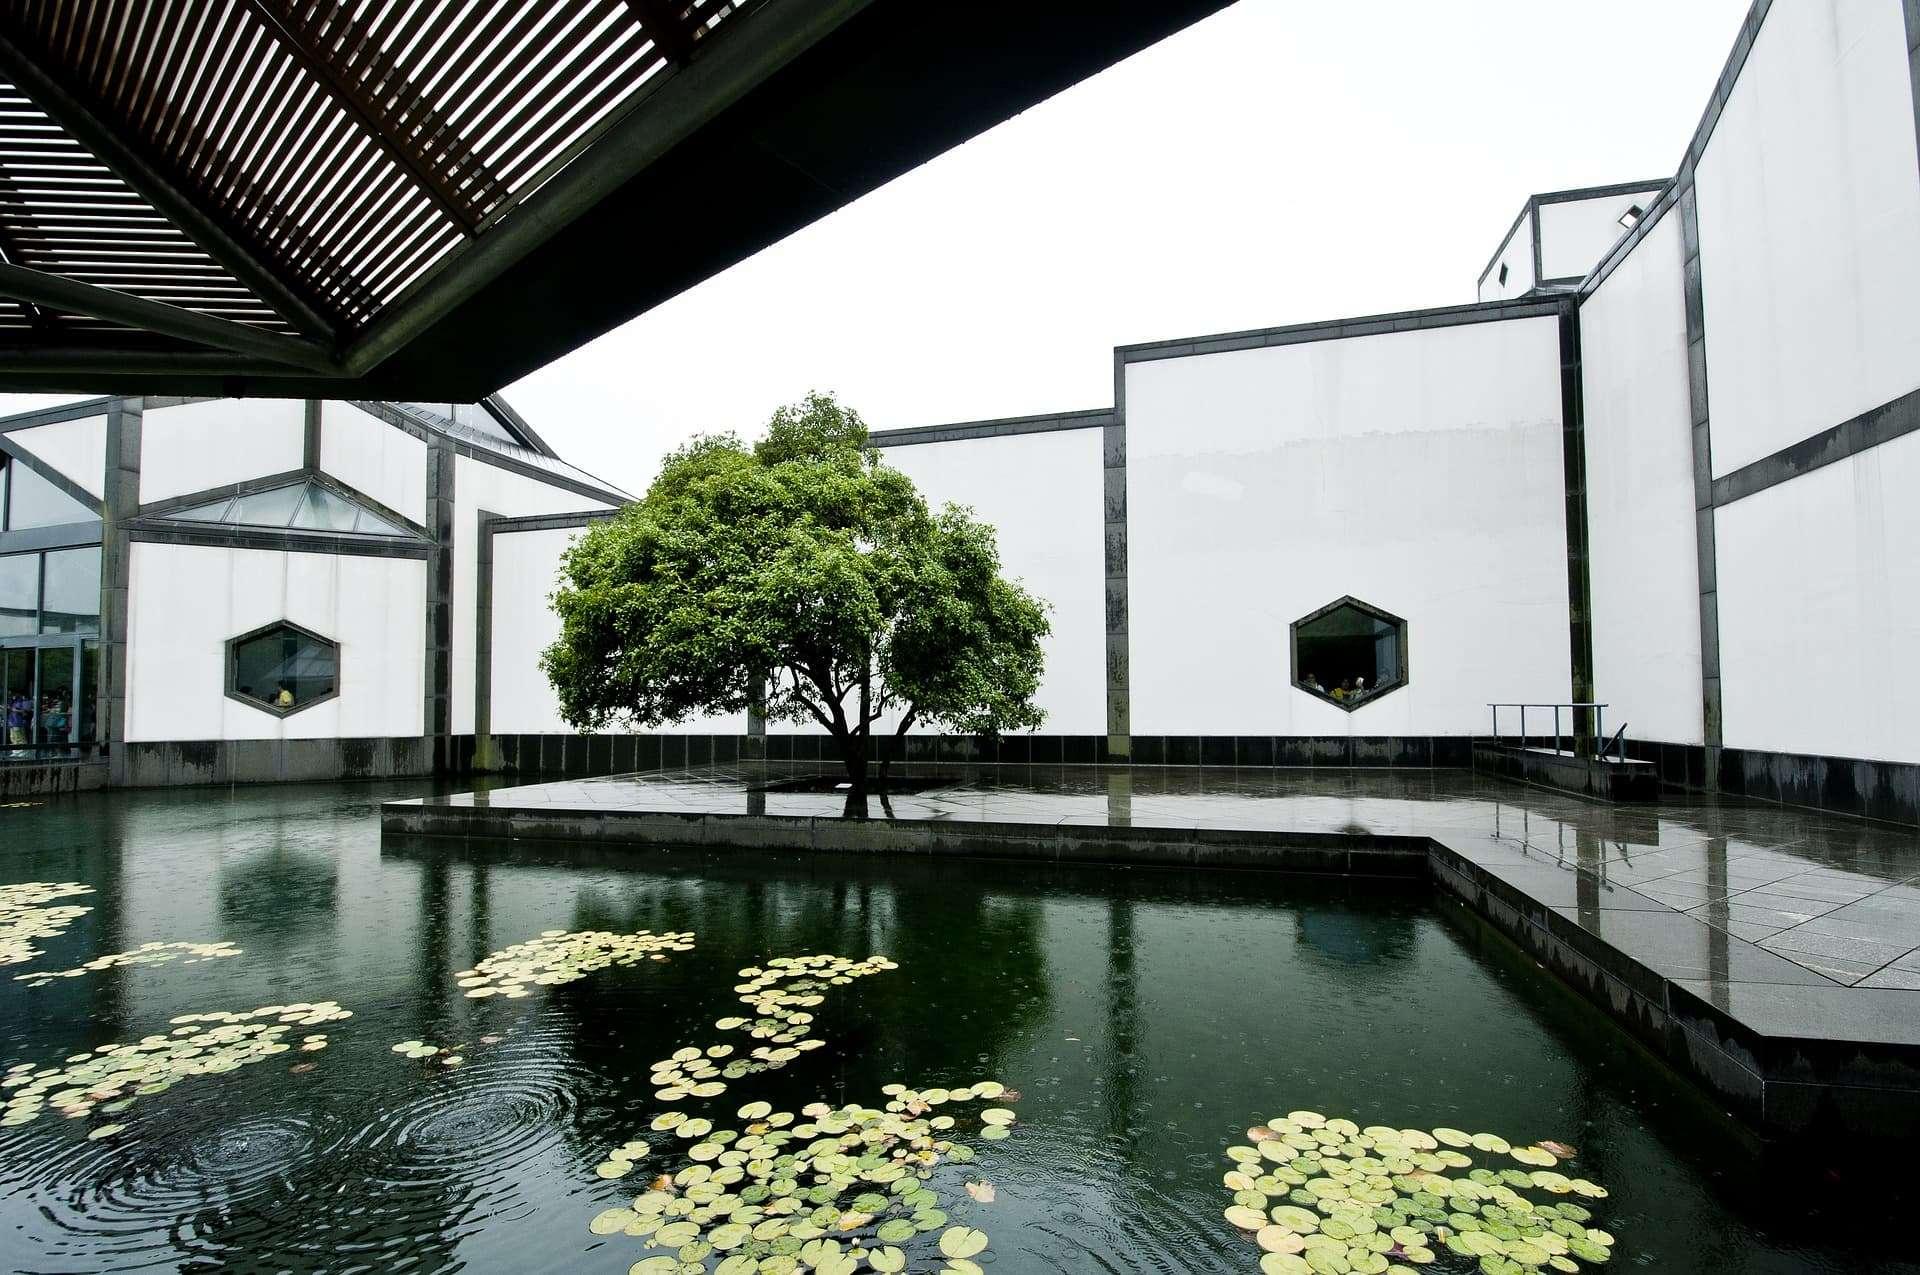 Suzhou Museum, Suzhou, Jiangsu, China